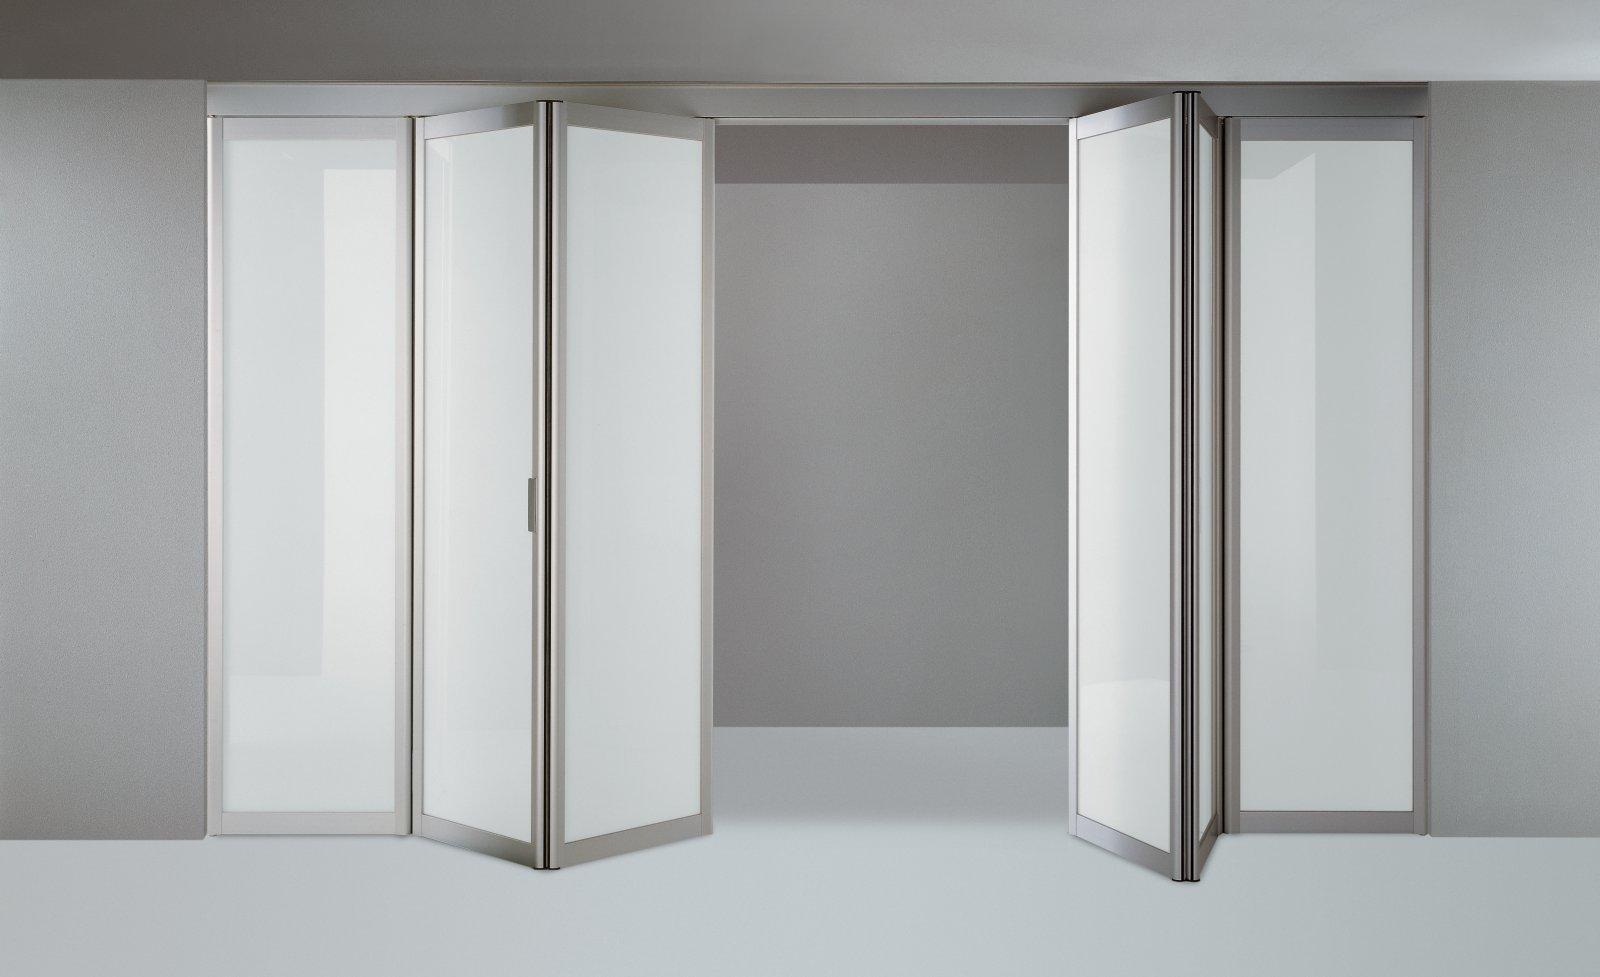 Cristaleriabcn cristaleros y carpinteria de aluminio en - Puertas cristal corredera ...